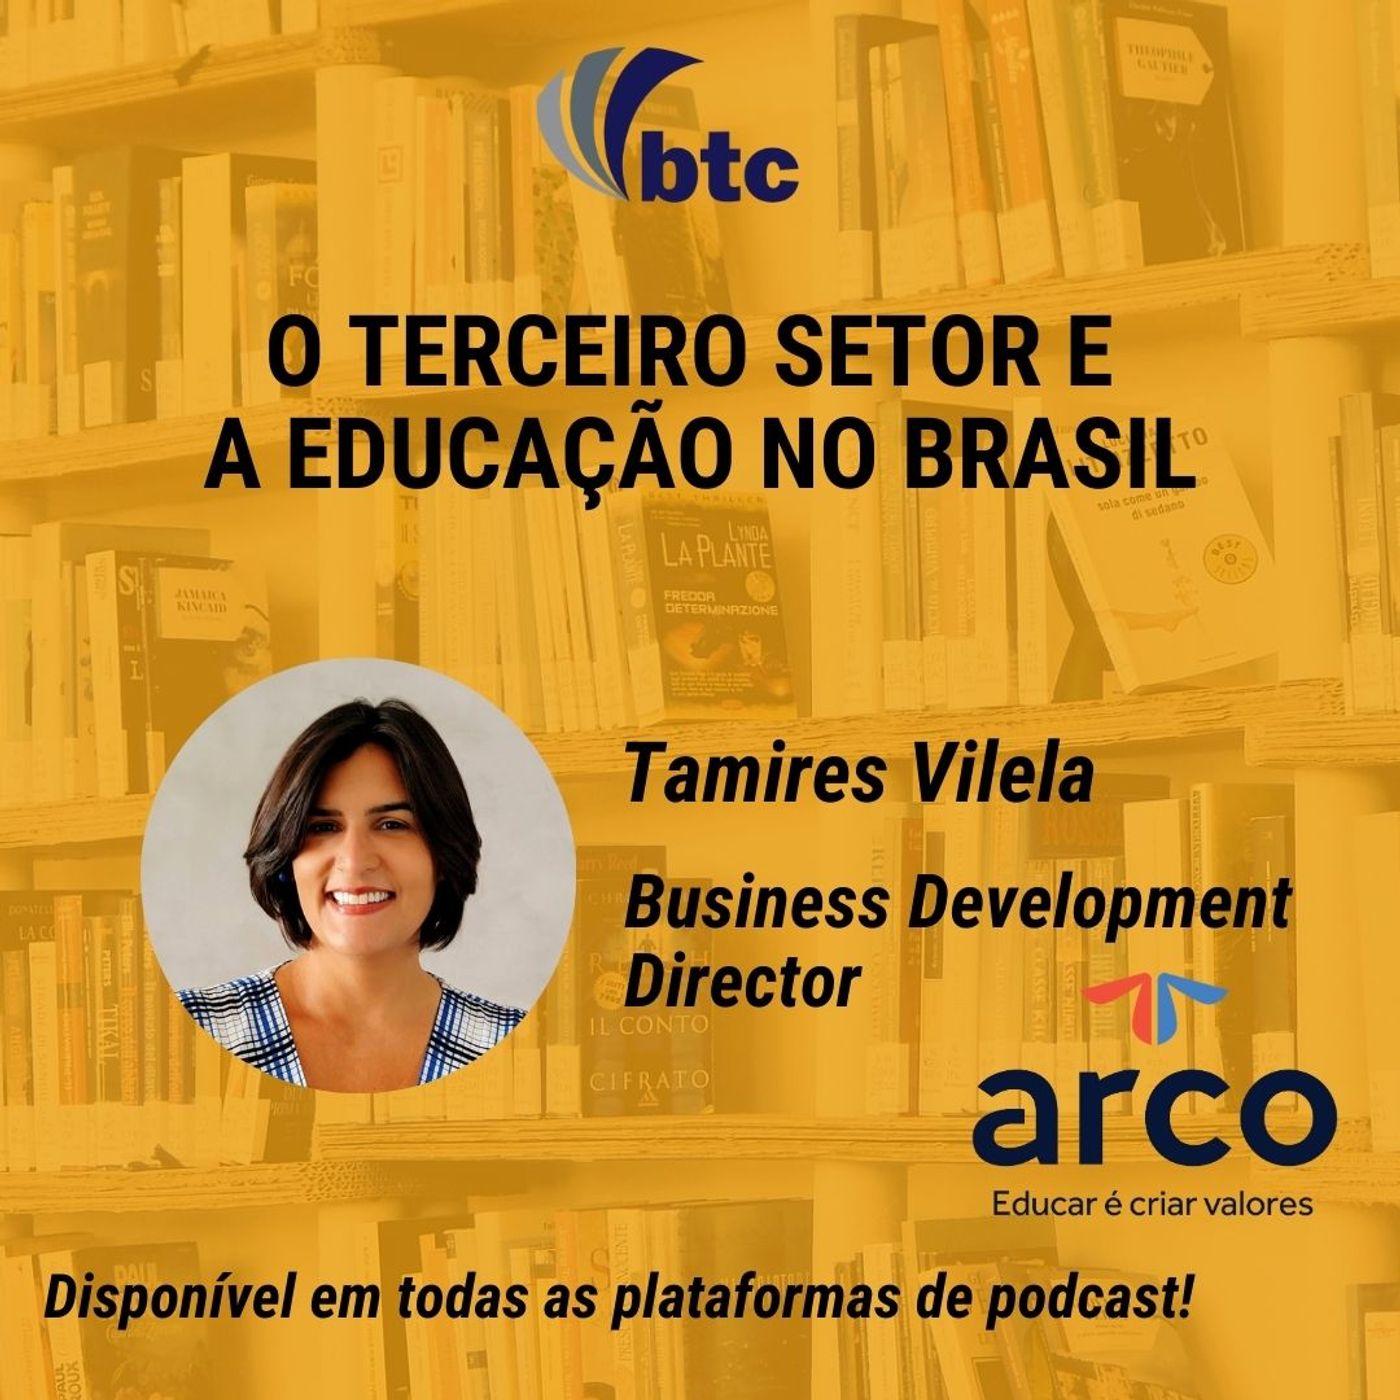 O Terceiro Setor e a Educação no Brasil   Papo Business com Tamires Vilela